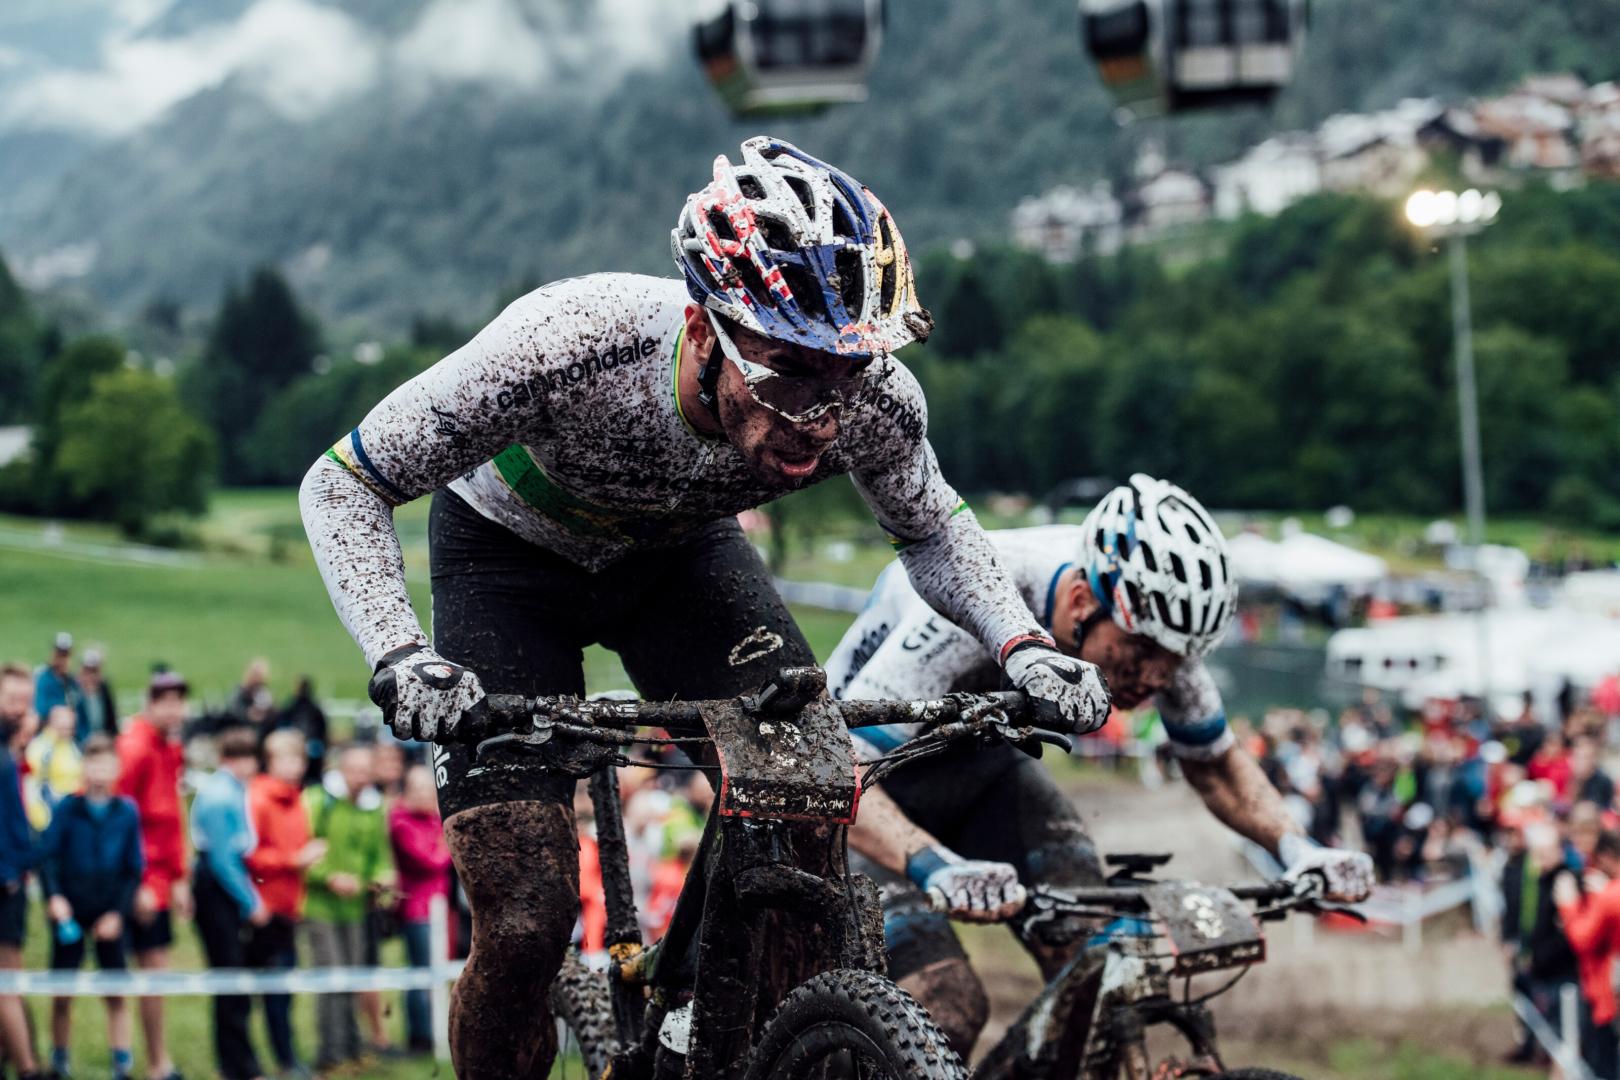 Puchar Świata w kolarstwie górskim – Val di Sole, Włochy [podsumowanie]